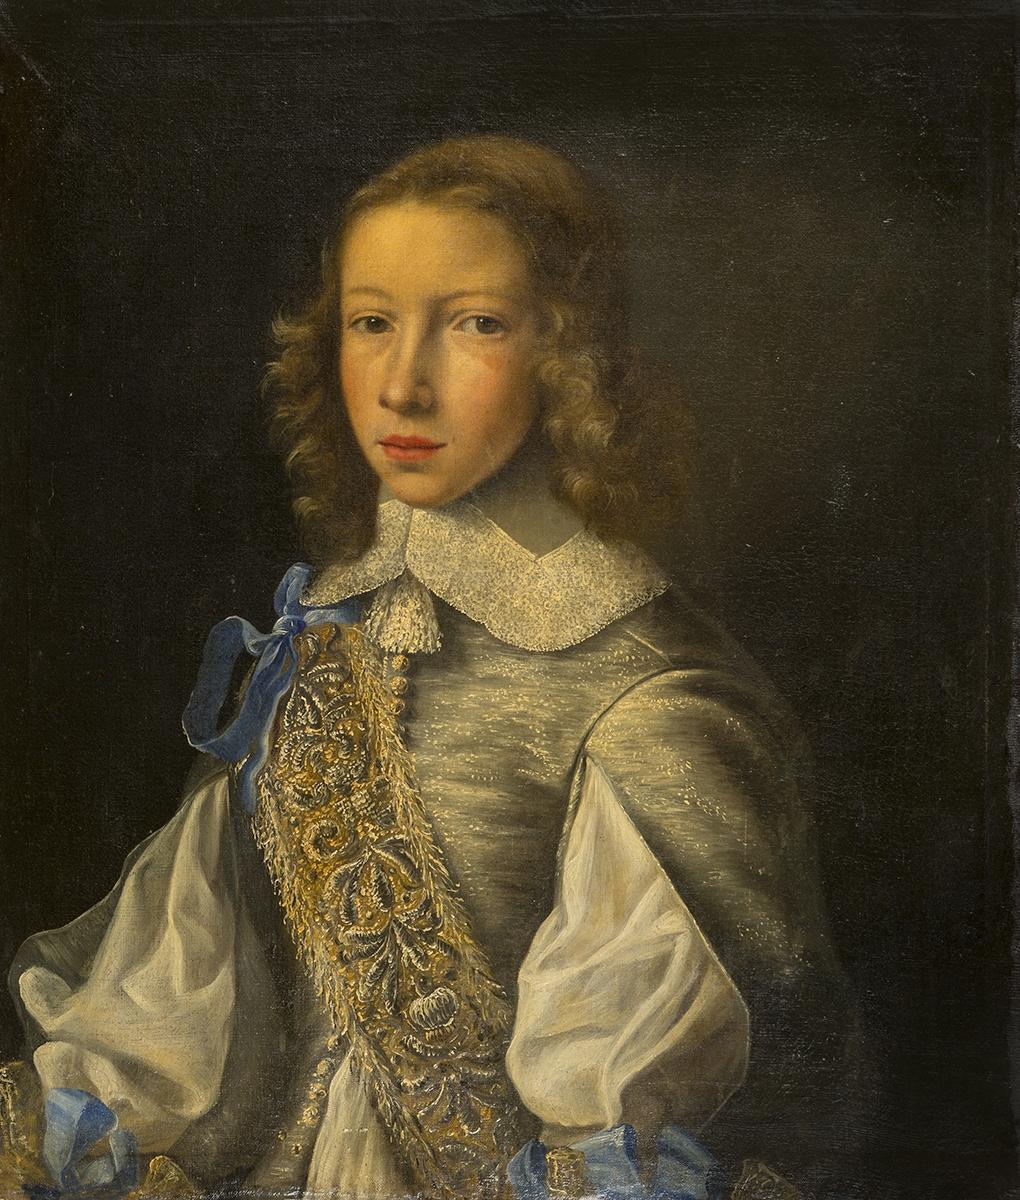 132 - Ecole flamande vers 1660, suiveur de Jacob Van Oost. Portrait de jeune homme aux rubans bleus. Huile sur toile. 62x53cm. Adjugé 2800€